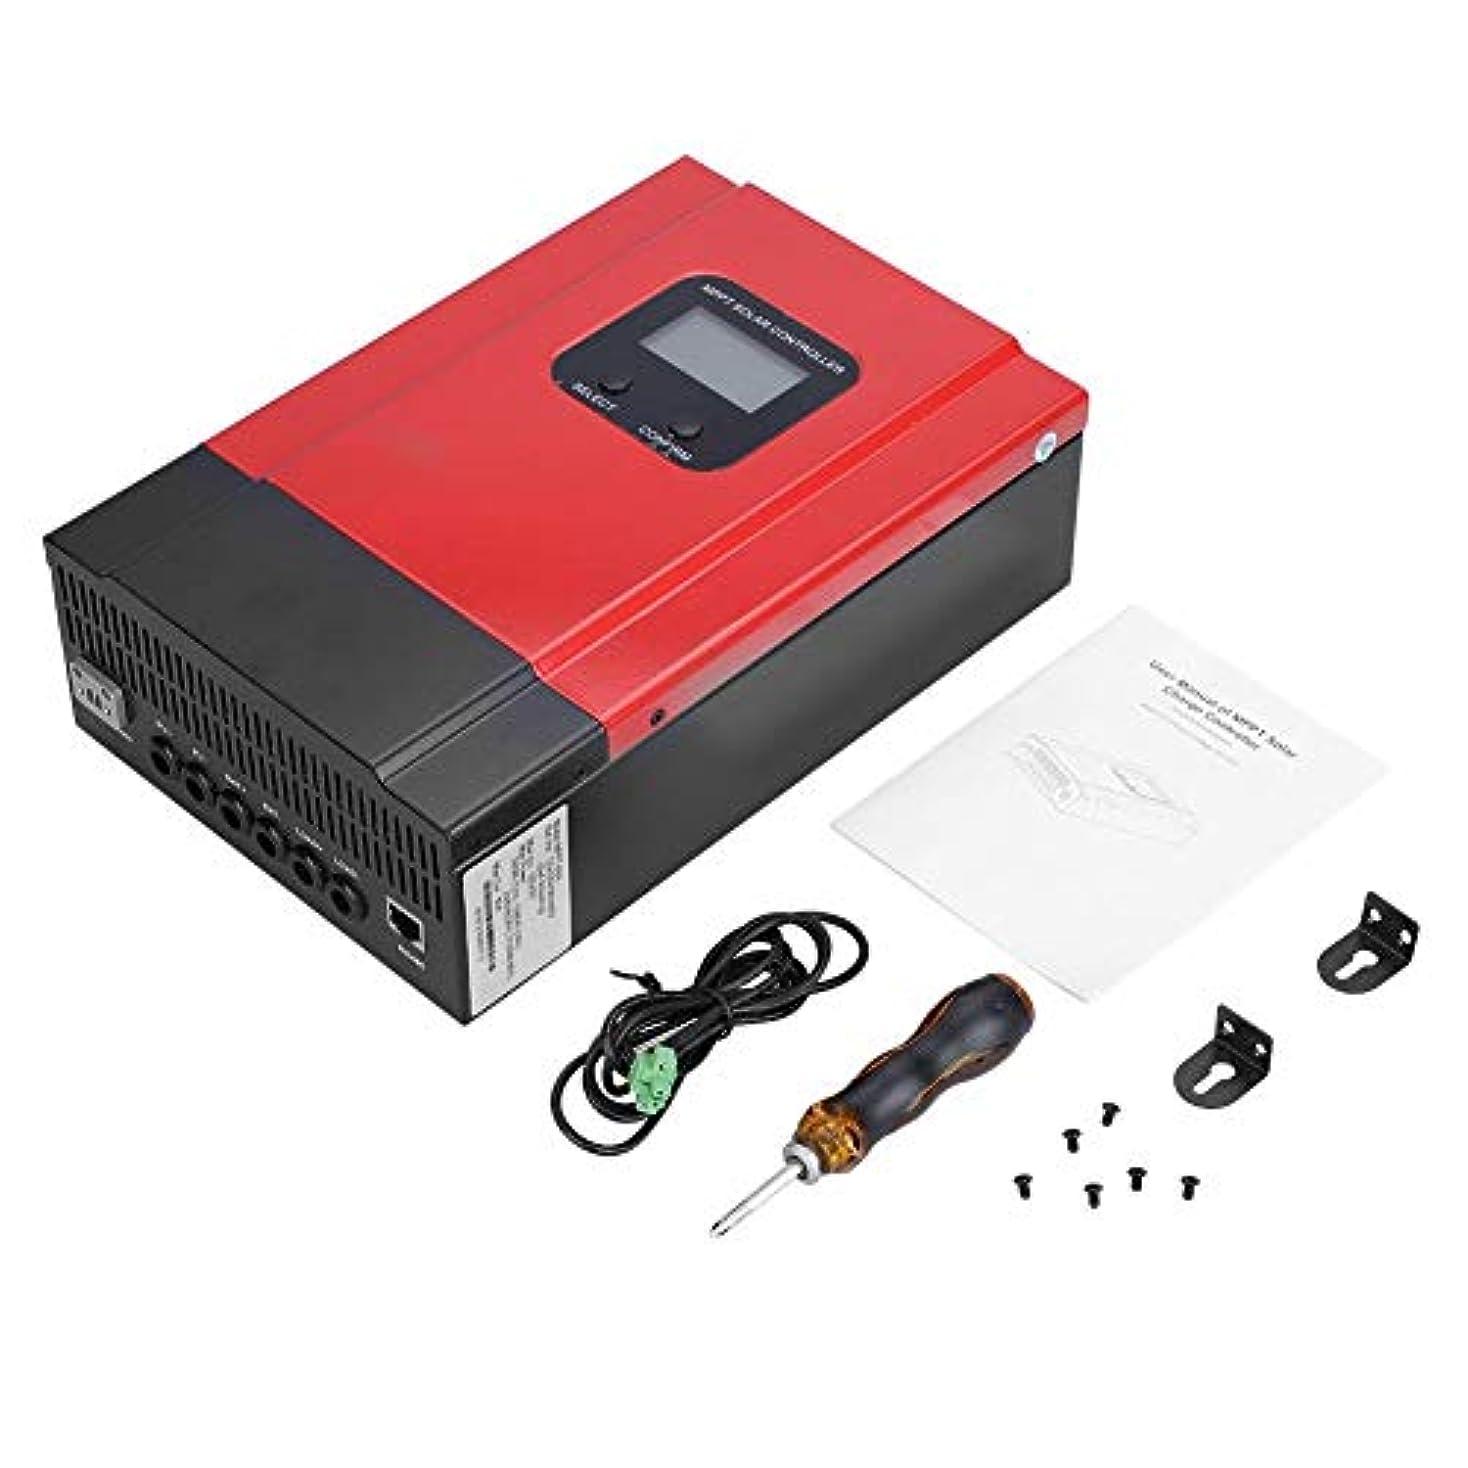 どれでも苛性揃えるMPPTソーラーレギュレータ、60A MPPTソーラー充電コントローラ12V/24V/36V/48V LCDディスプレイ付き最大150V入力バッテリー充電器レギュレータ